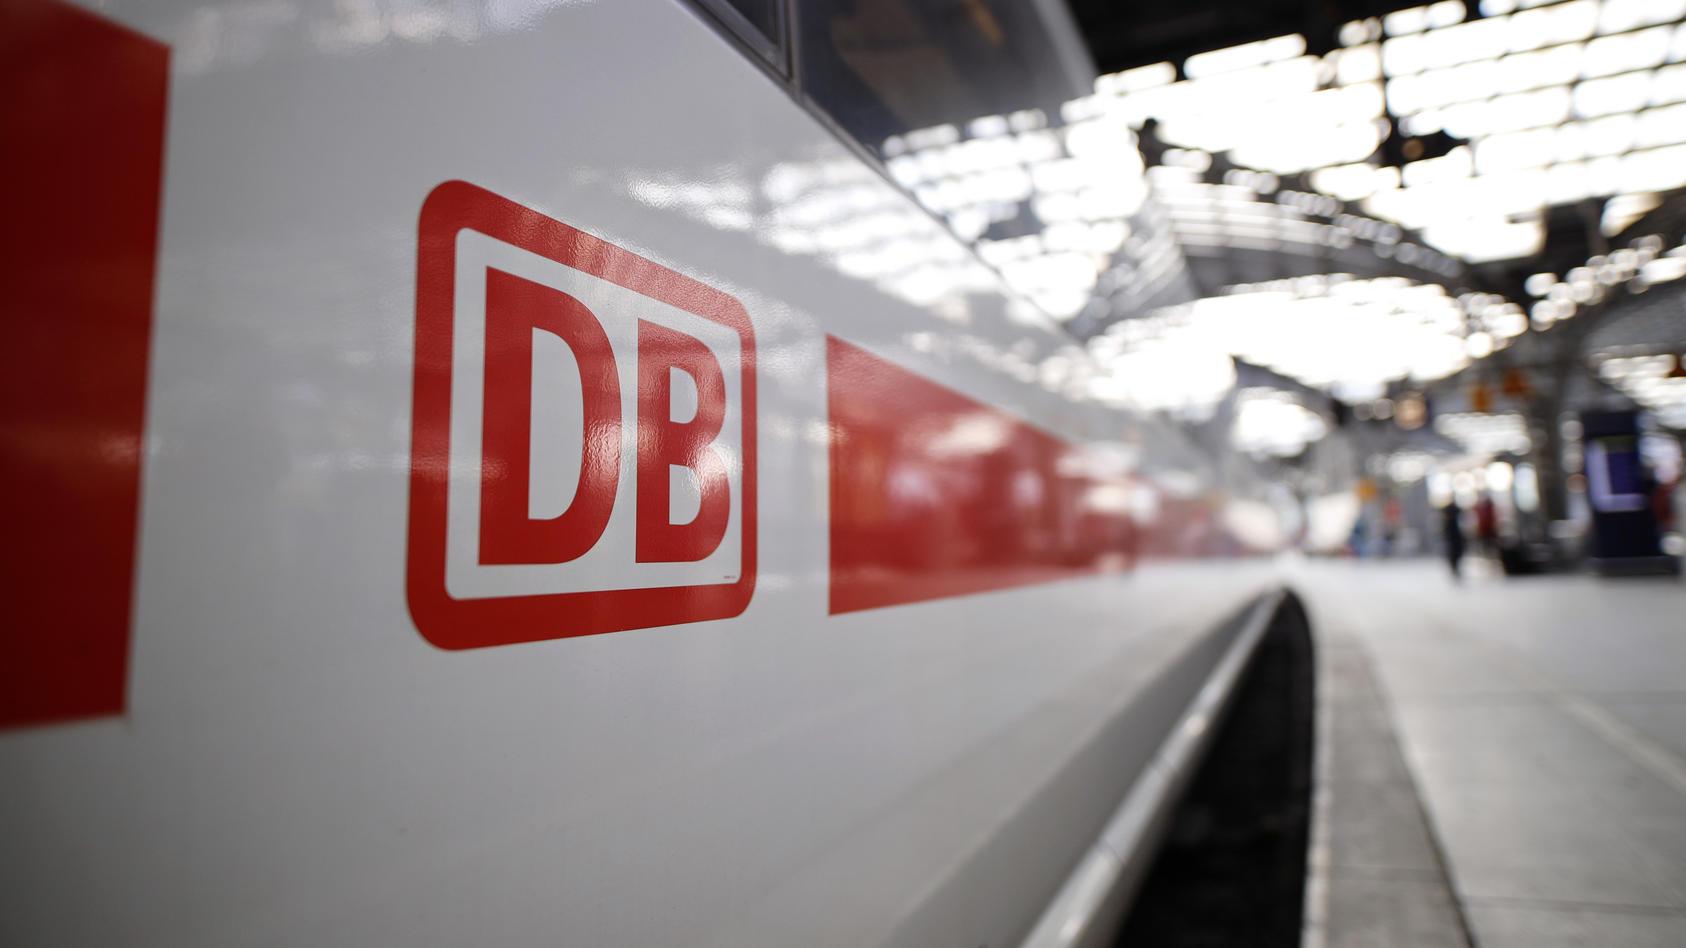 Die Züge Rollen im Herbst ohne Streik: Die Deutsche Bahn und die Gewerkschaft GDL haben sich geeinigt.